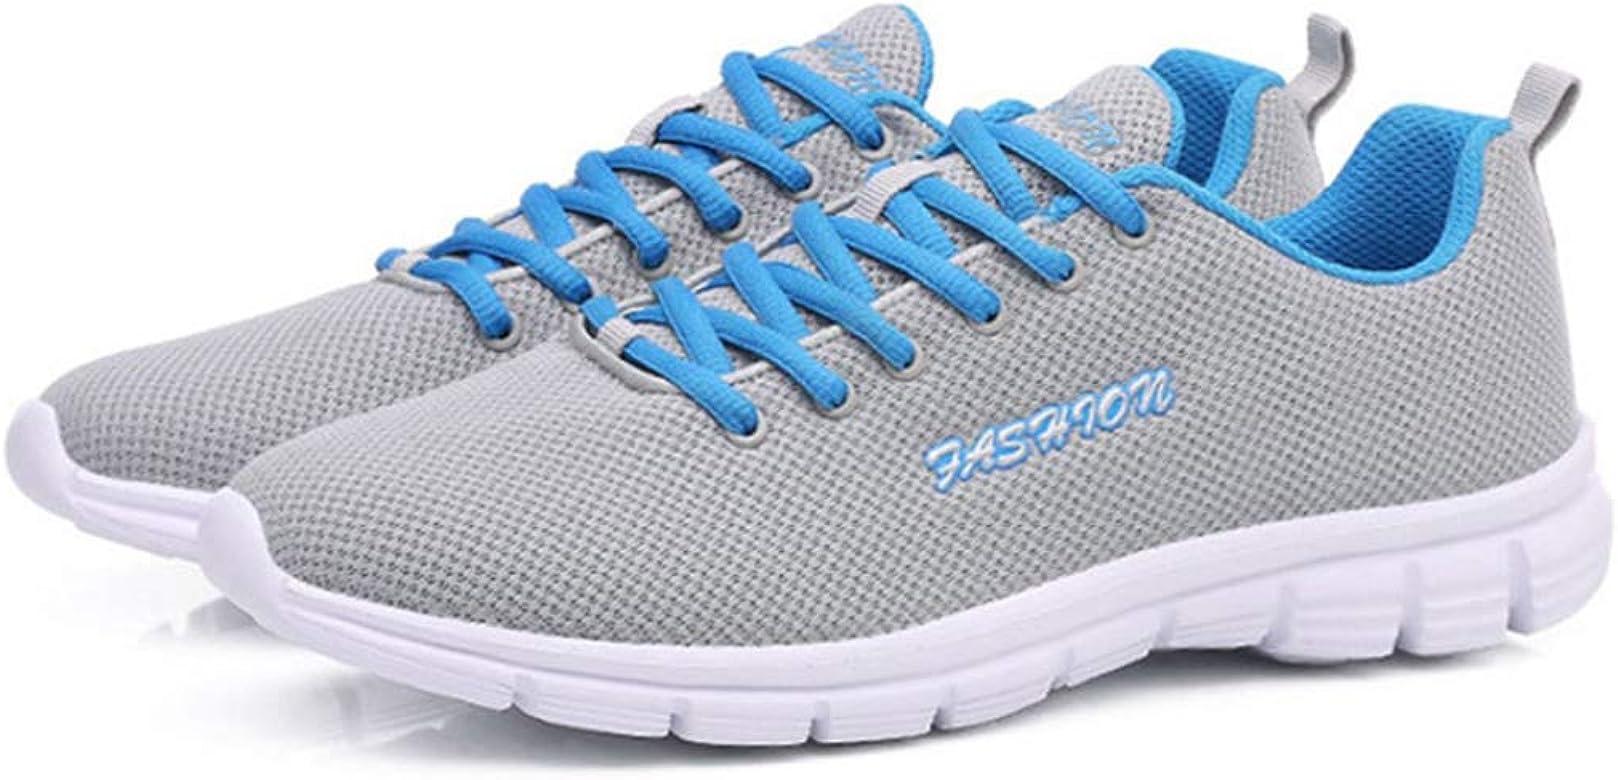 Zapatos para Caminar para Hombres Zapatillas de Deporte Transpirables con Cordones Zapatillas Deportivas para Correr Ligeras y Deportivas al Aire Libre: Amazon.es: Zapatos y complementos